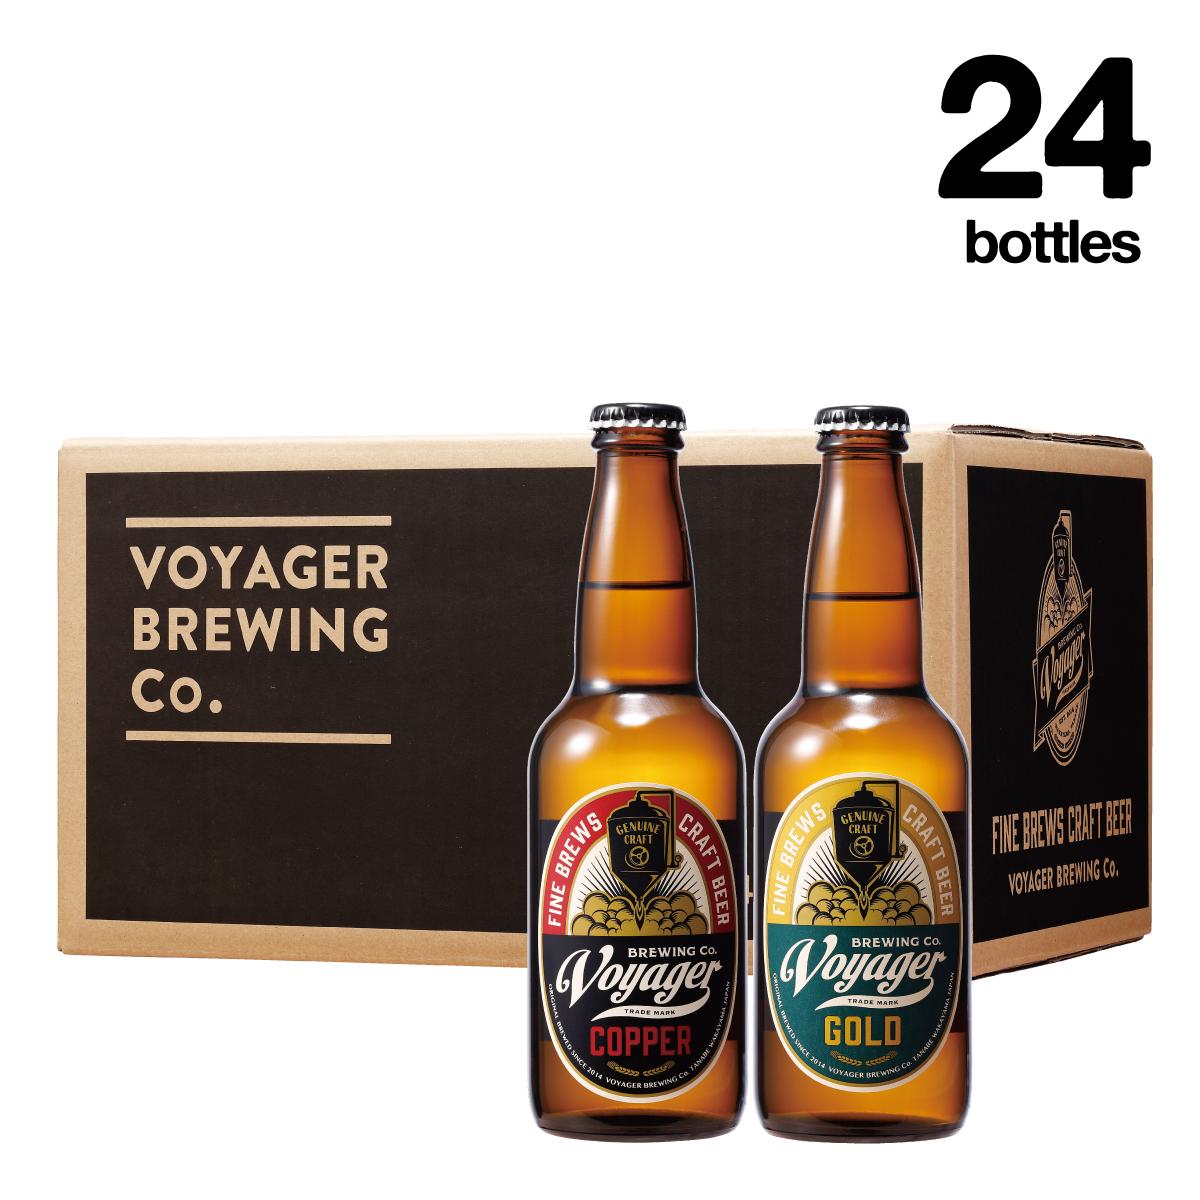 御中元ギフト対象品 24Bottles Set(クラフトビール・地ビール)飲み比べセット【ボイジャーブルーイング(和歌山県田辺市クラフトビールメーカー)】